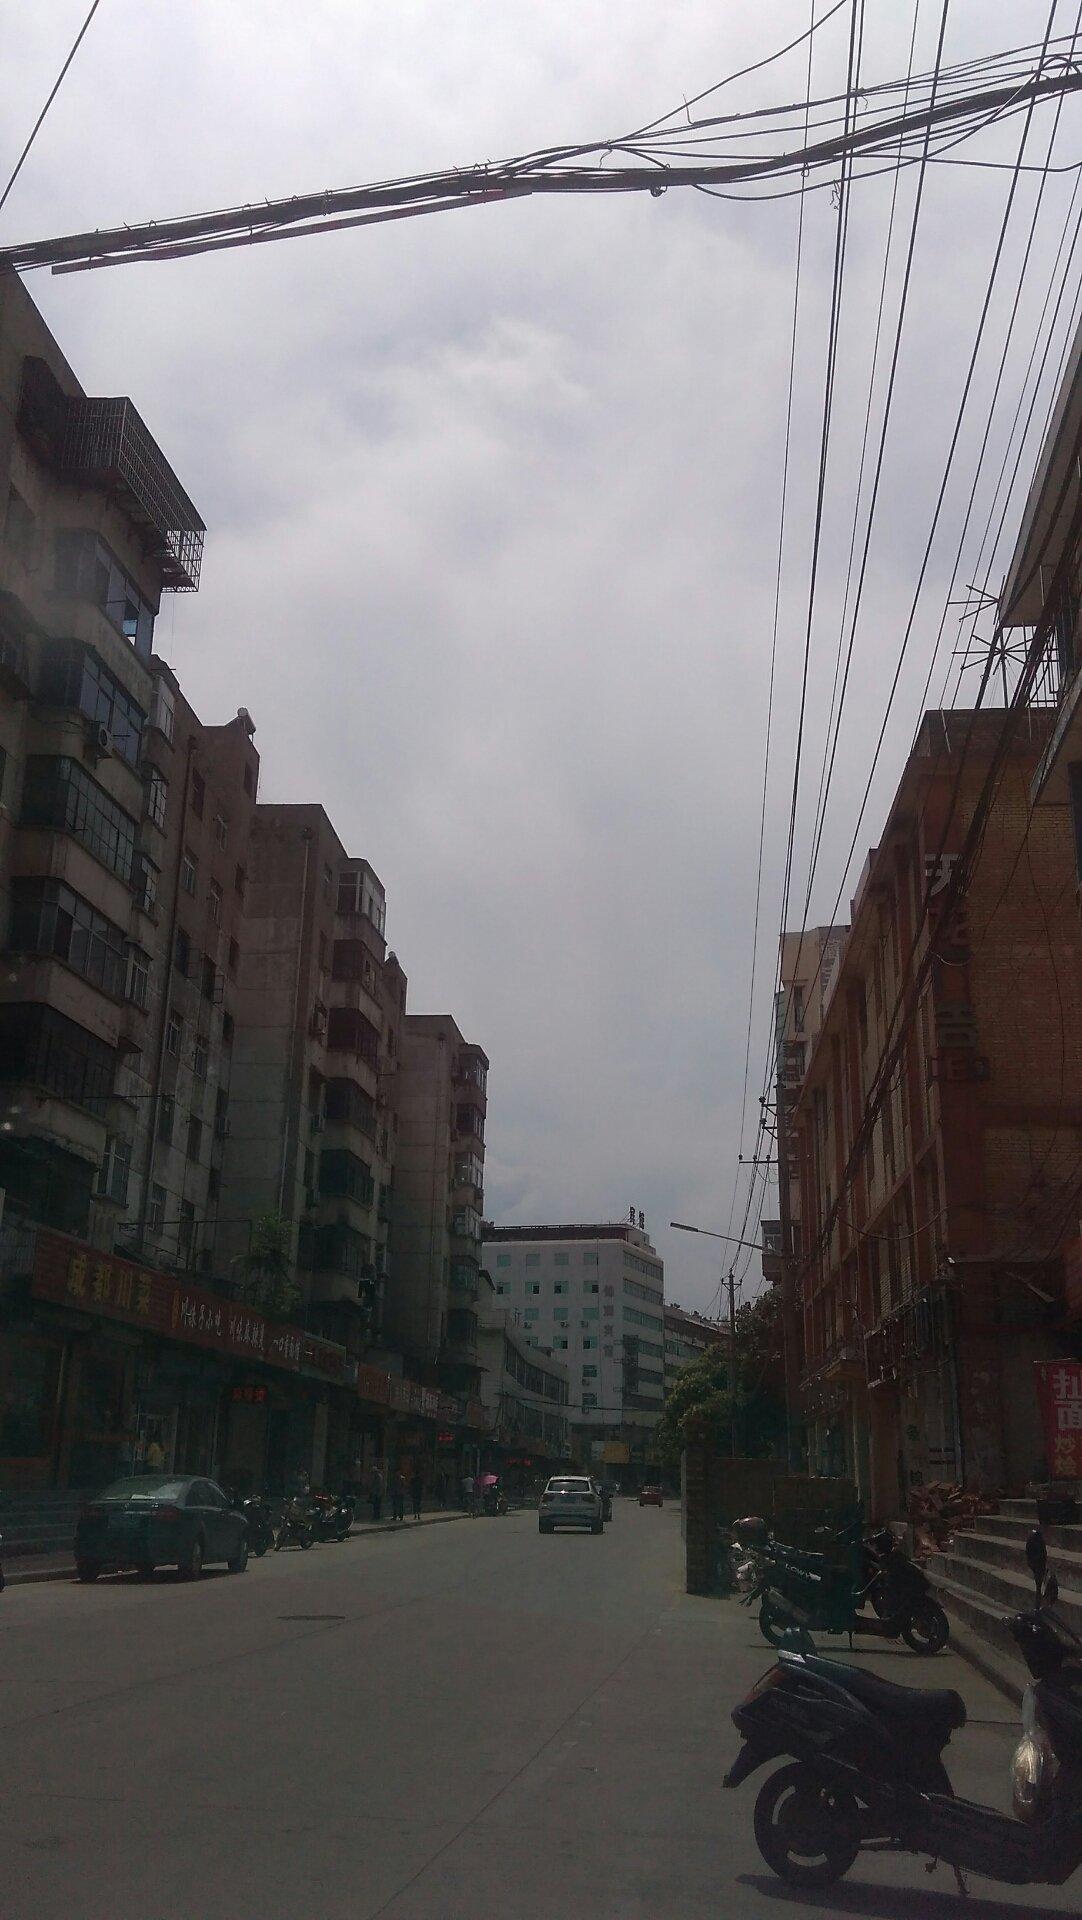 陕西省宝鸡市金台区曙光路靠近宝鸡市口腔医院(中山路)天气预报